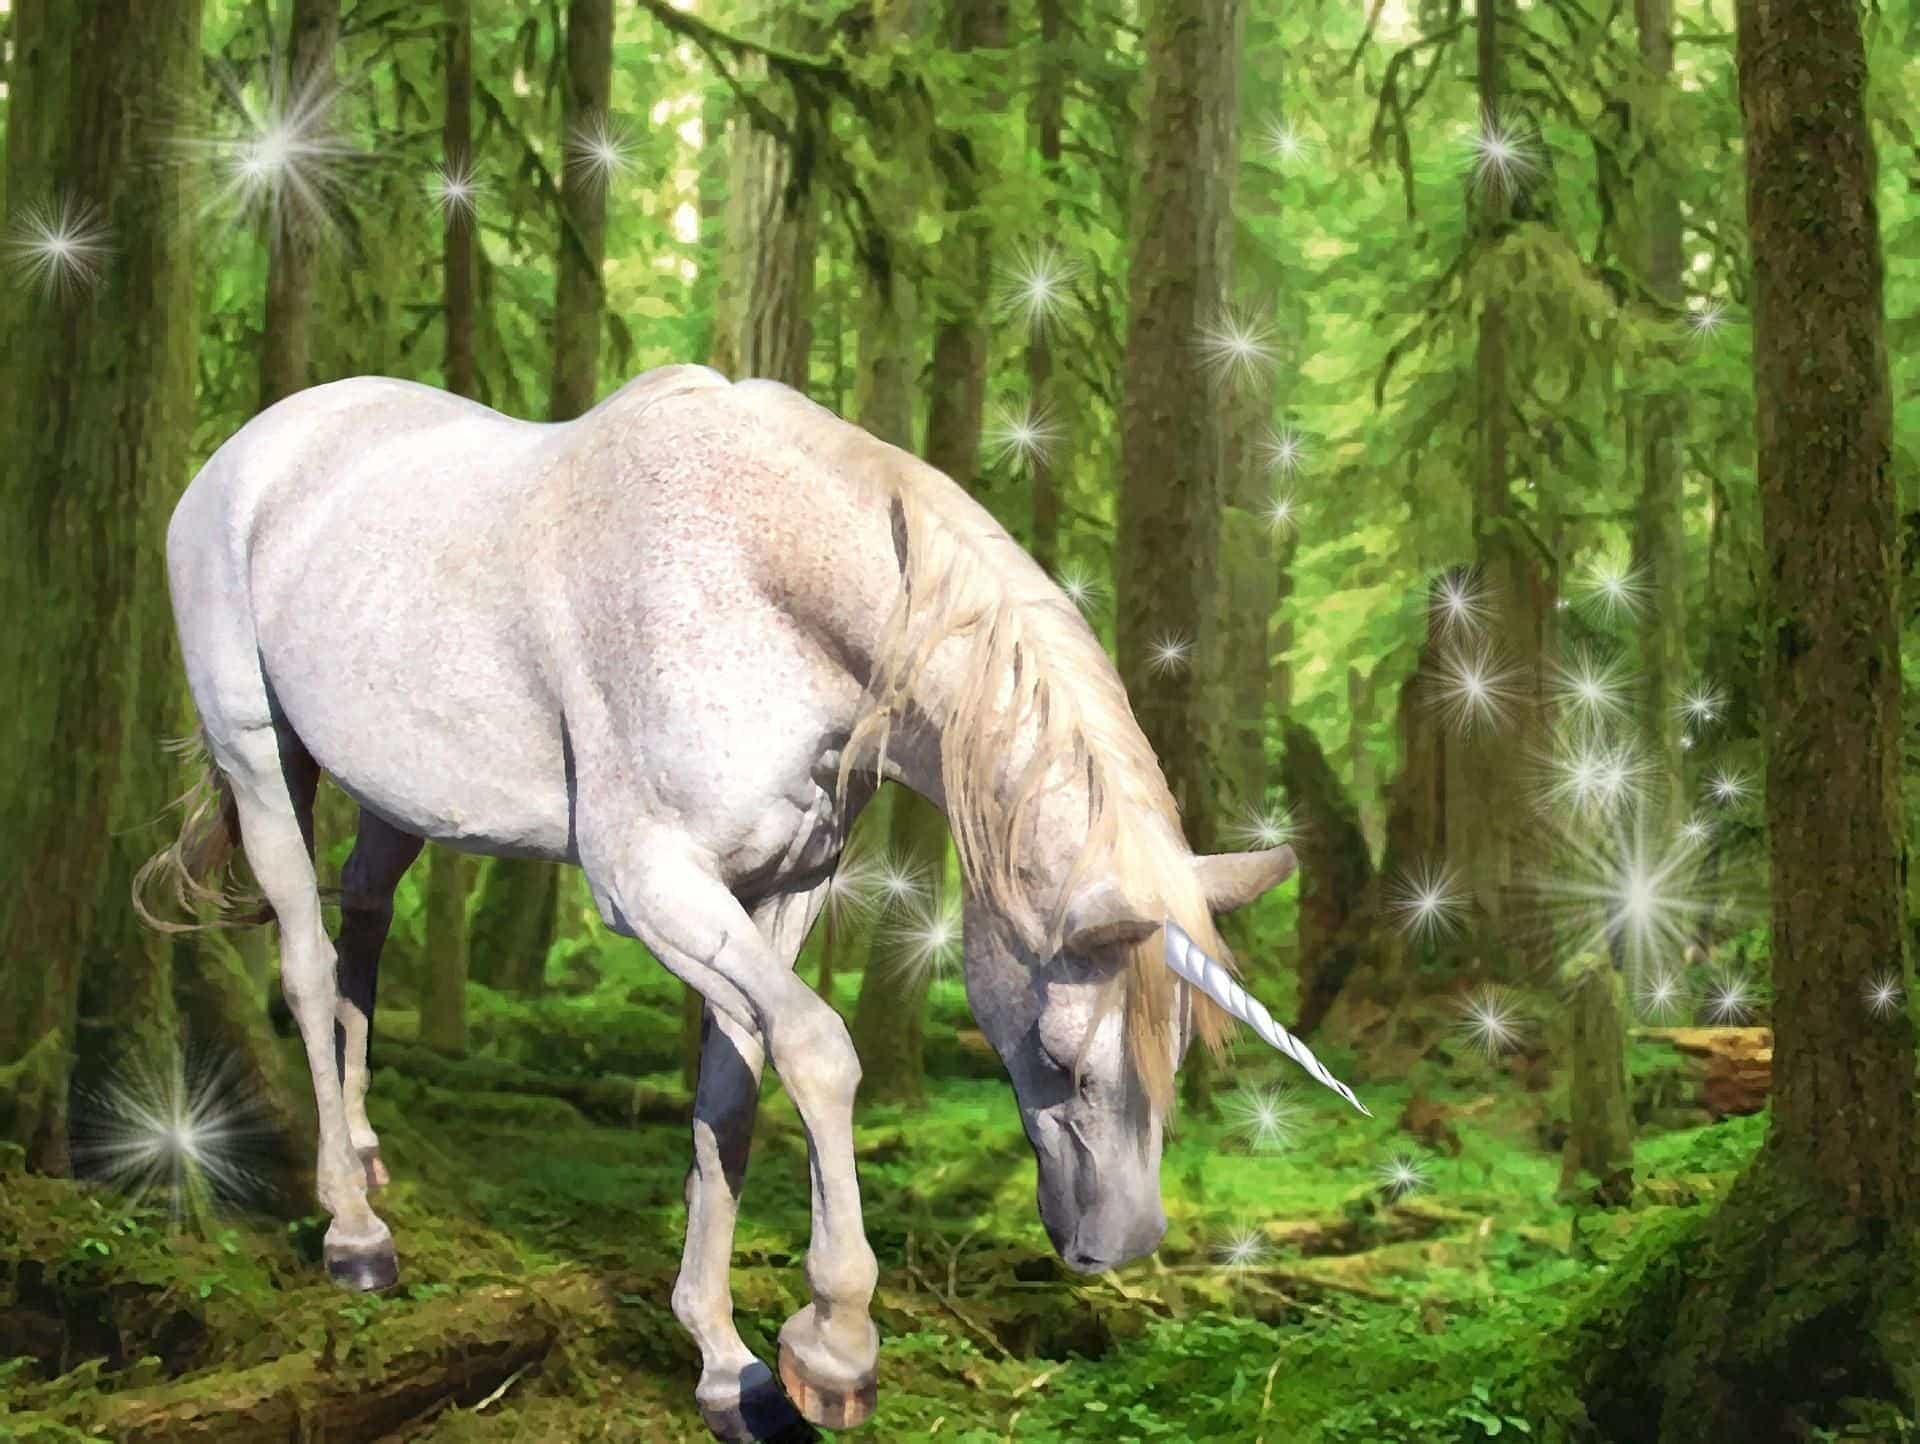 unicorn dream meaning, dream about unicorn, unicorn dream interpretation, seeing in a dream unicorn